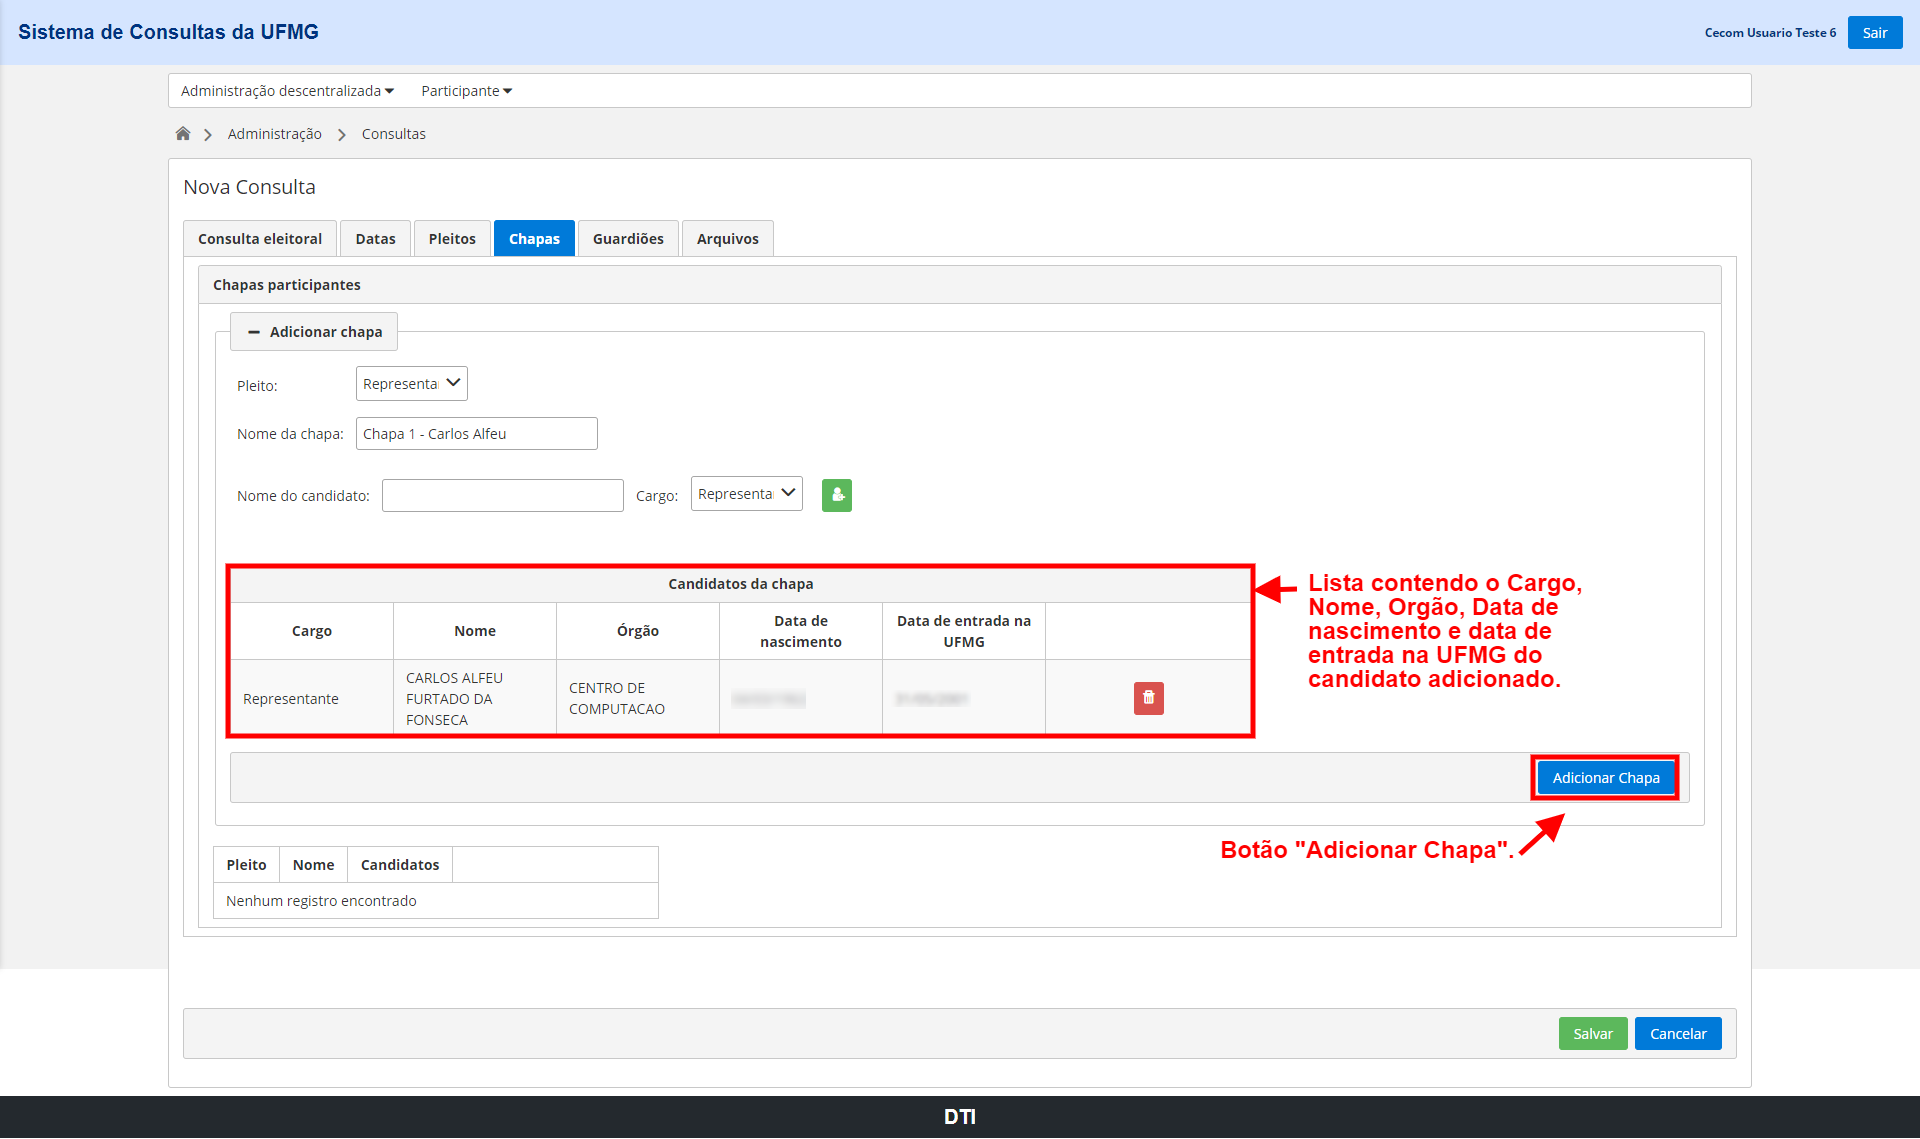 Lista contendo Cargo, Nome, Órgão, Data de nascimento e Data de entrada na UFMG do candidato adicionado. Botão